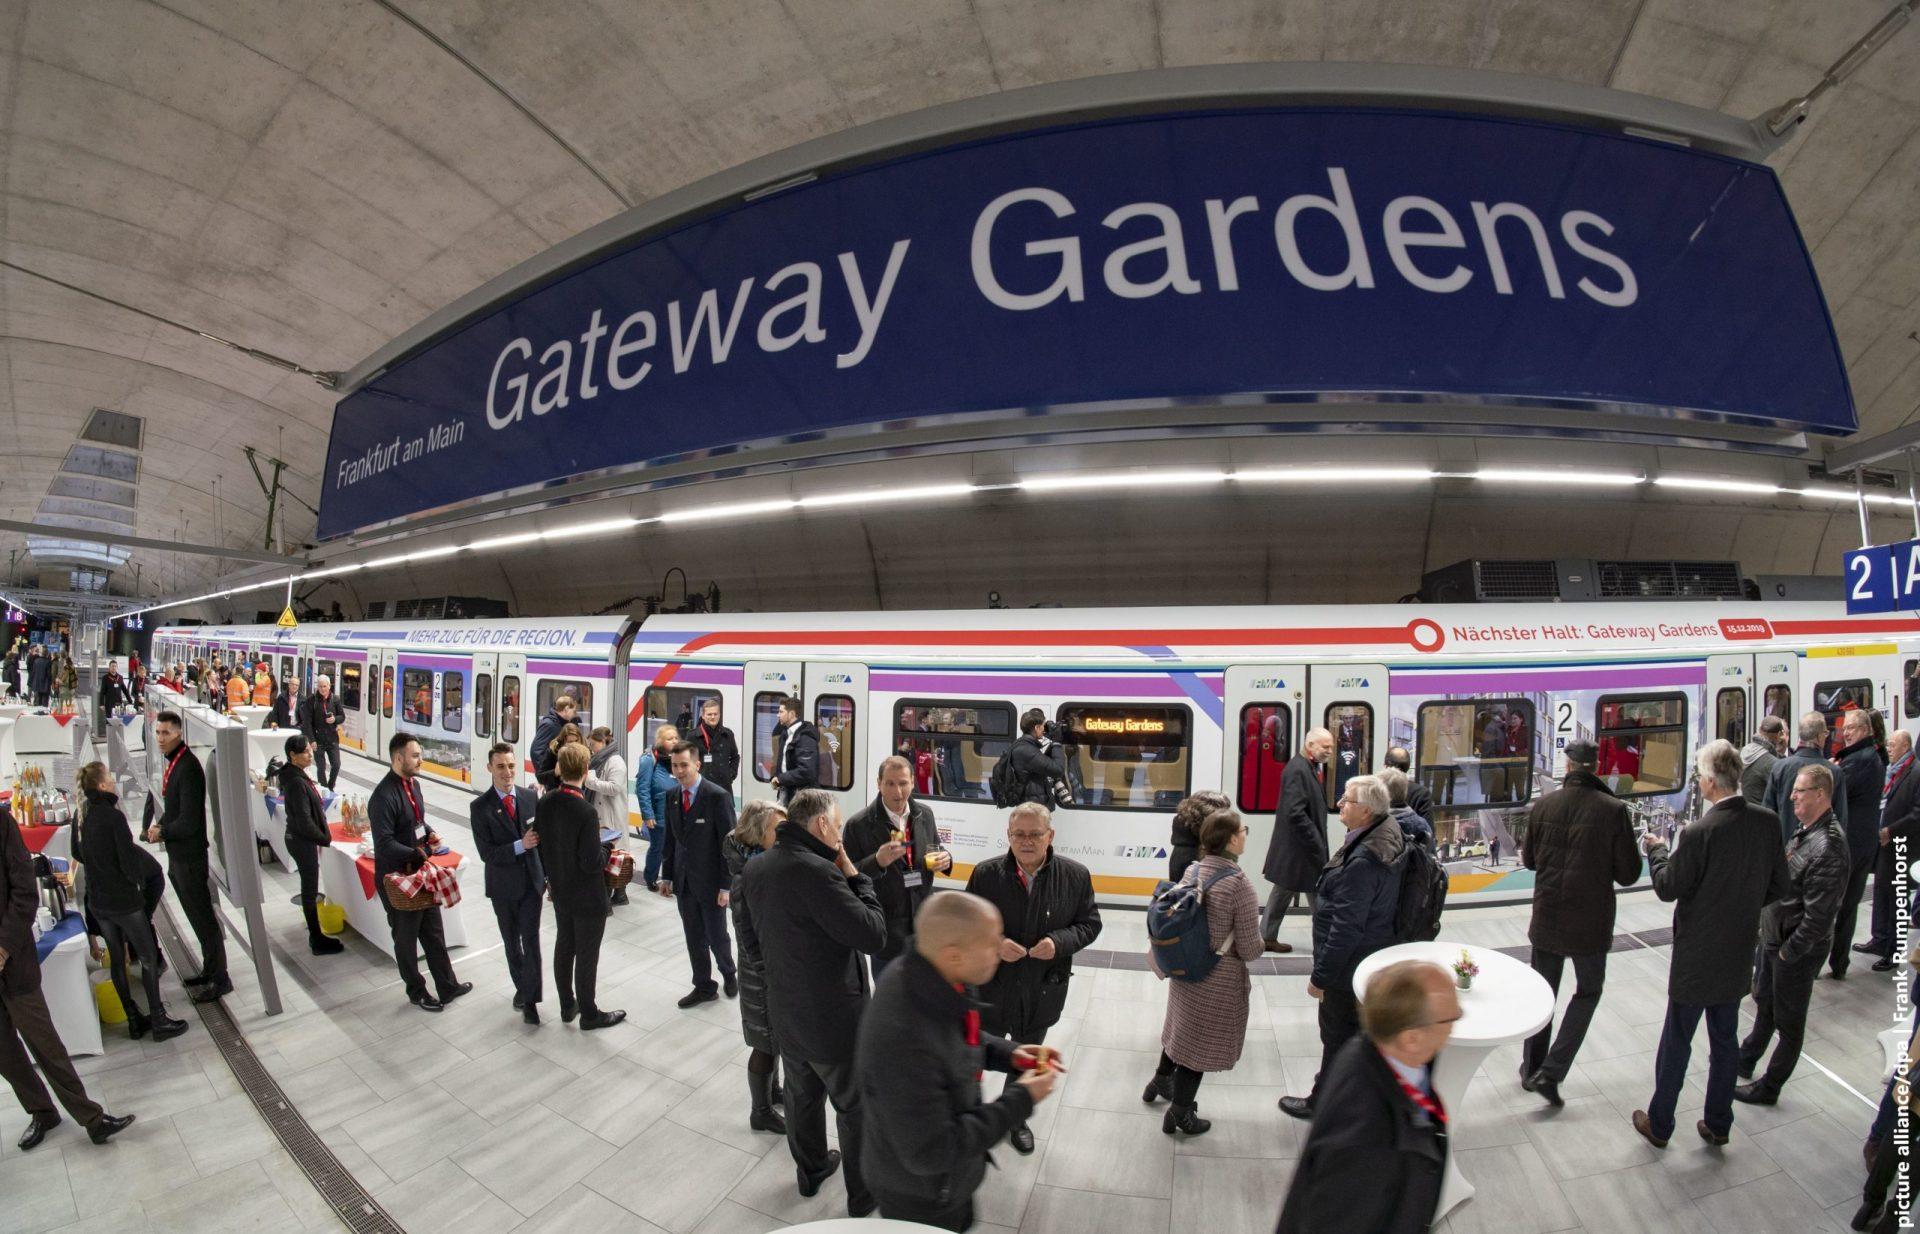 Haltestelle Gateway gardens